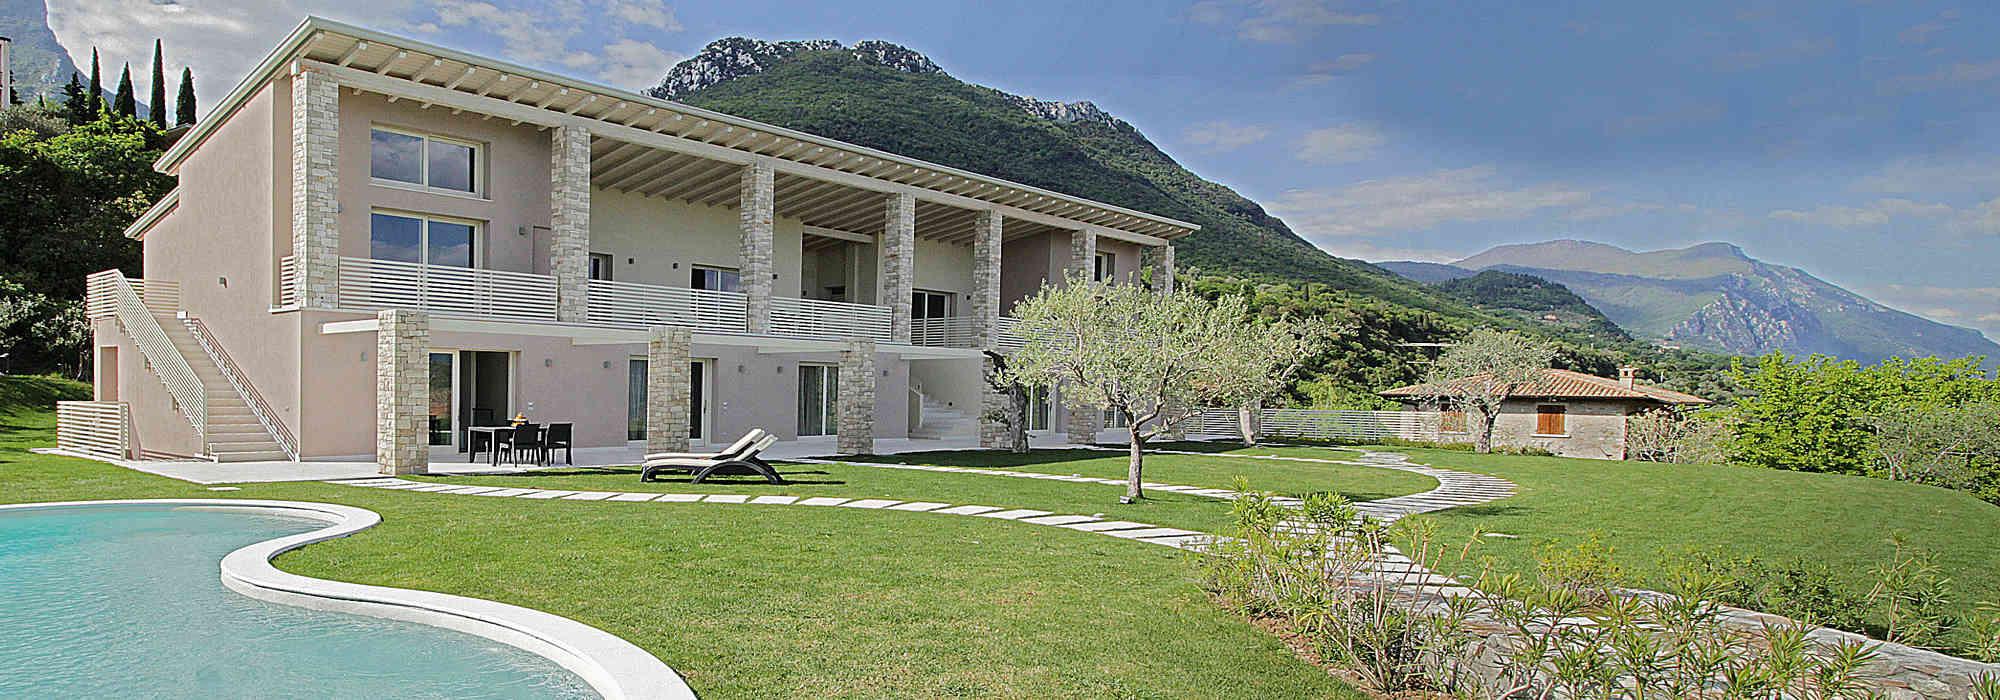 Appartamento Toscolano Maderno: Girasole